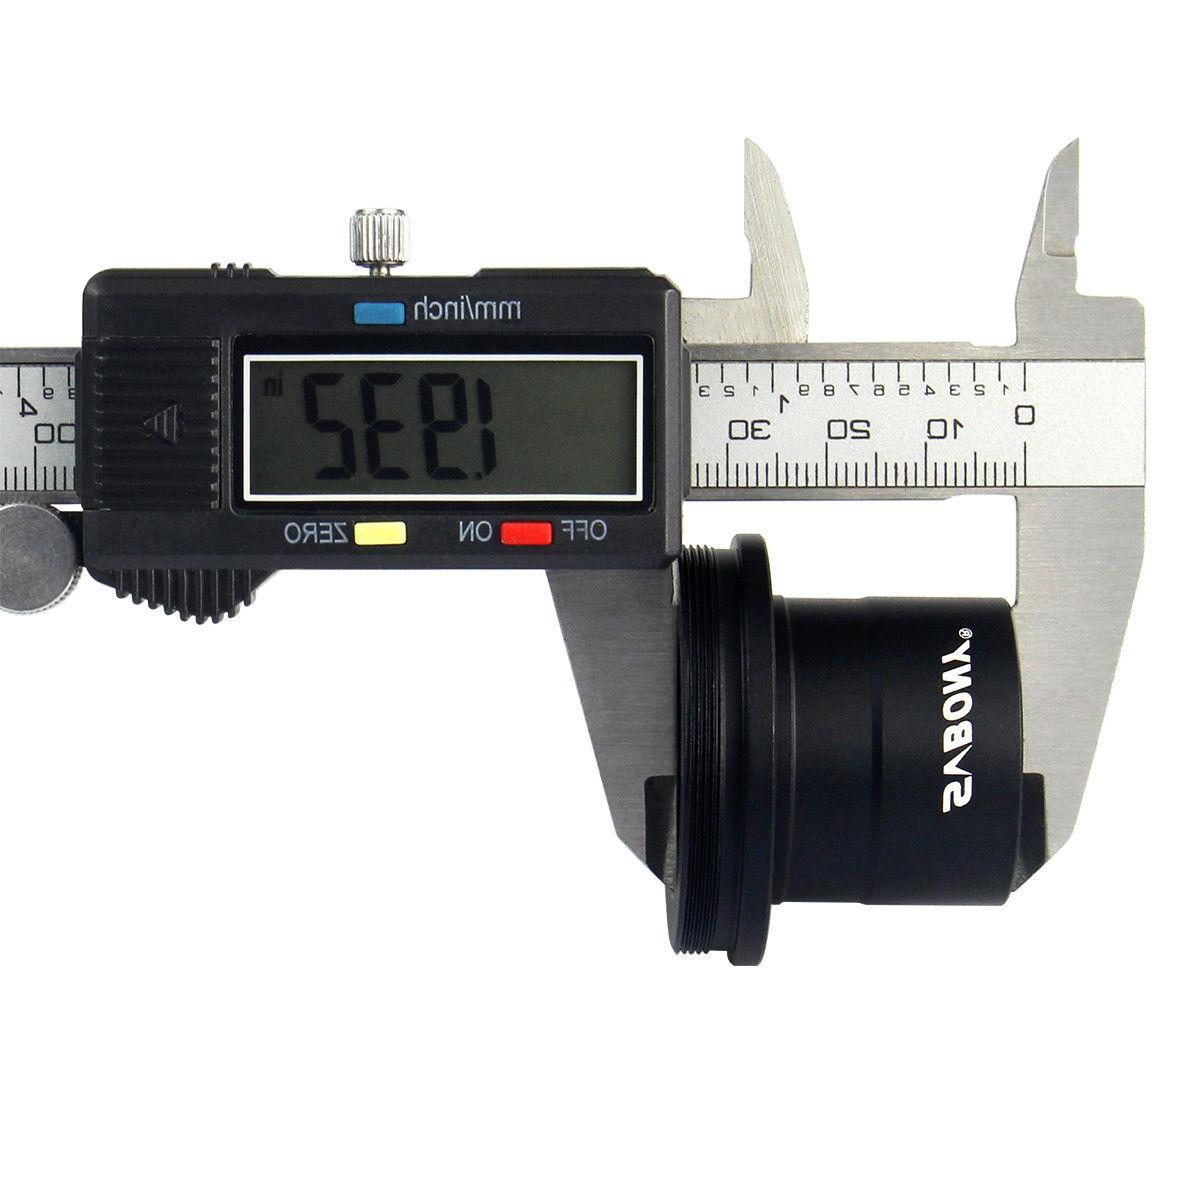 SVBONY T2 Ring Nikon Cameras Adapter + Telescope Adapter